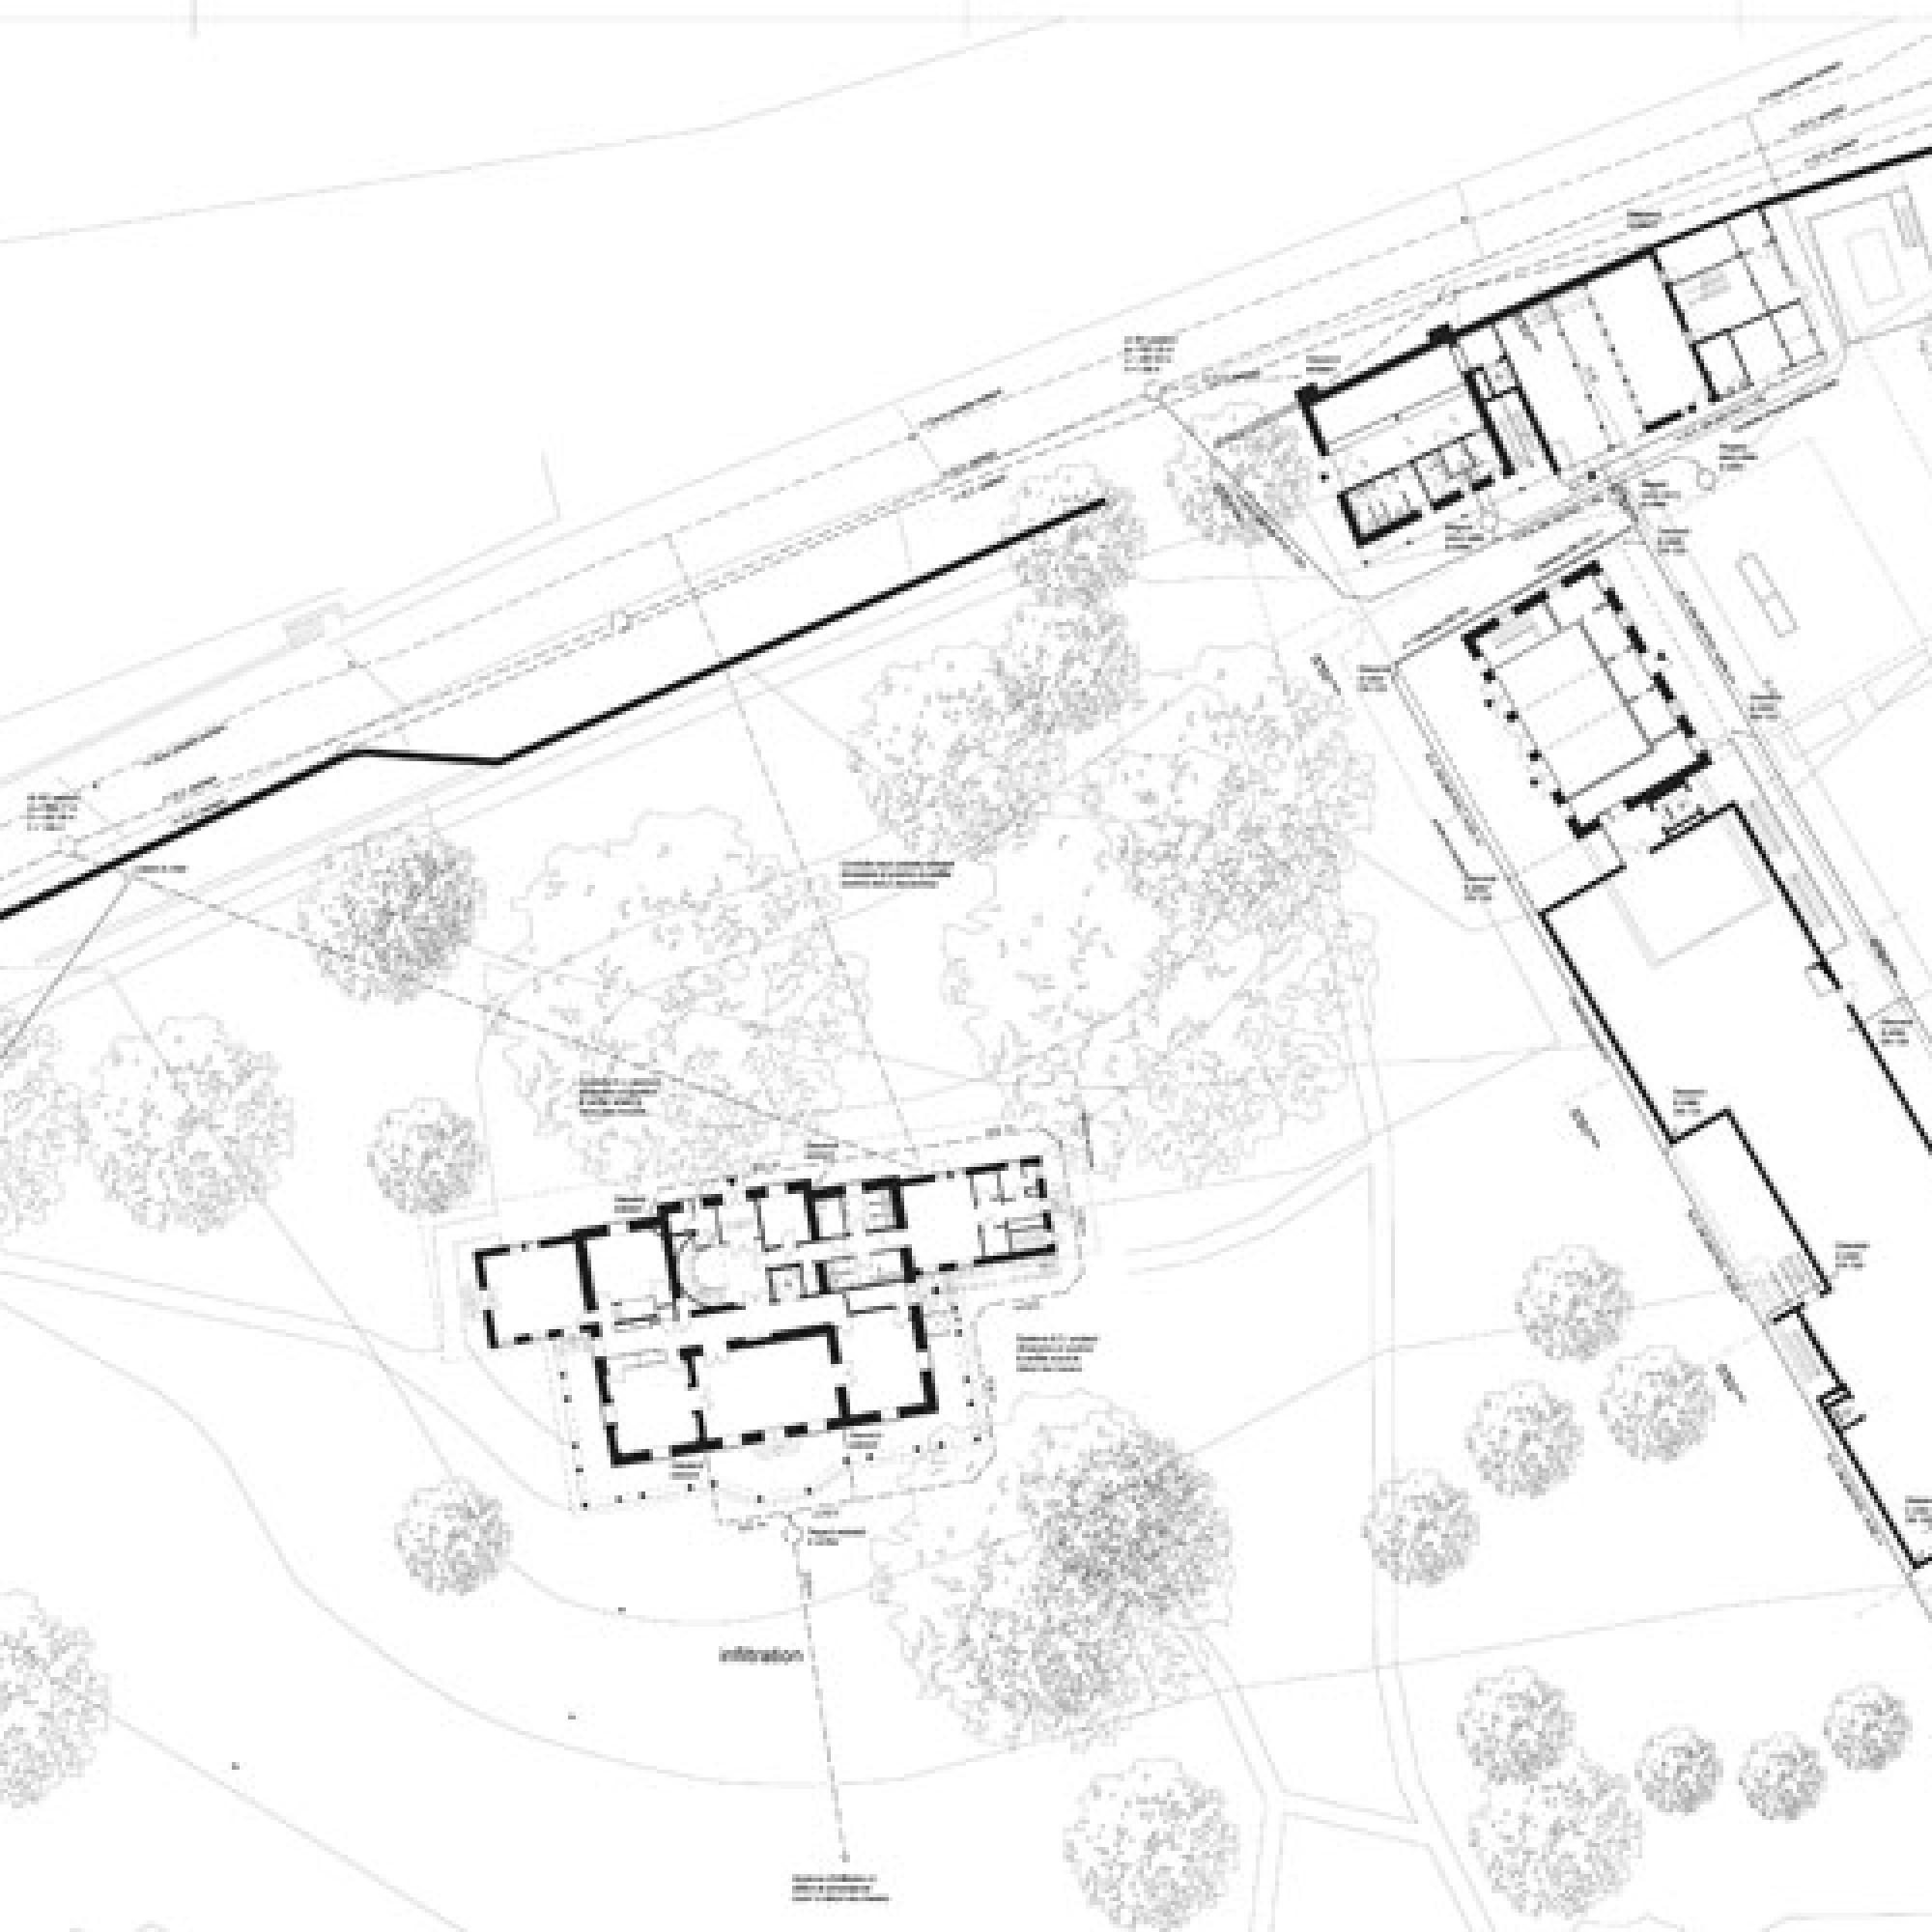 Grundriss Erdgeschoss des geplanten Chaplin-Museums (Bild: chaplinmuseum.org)